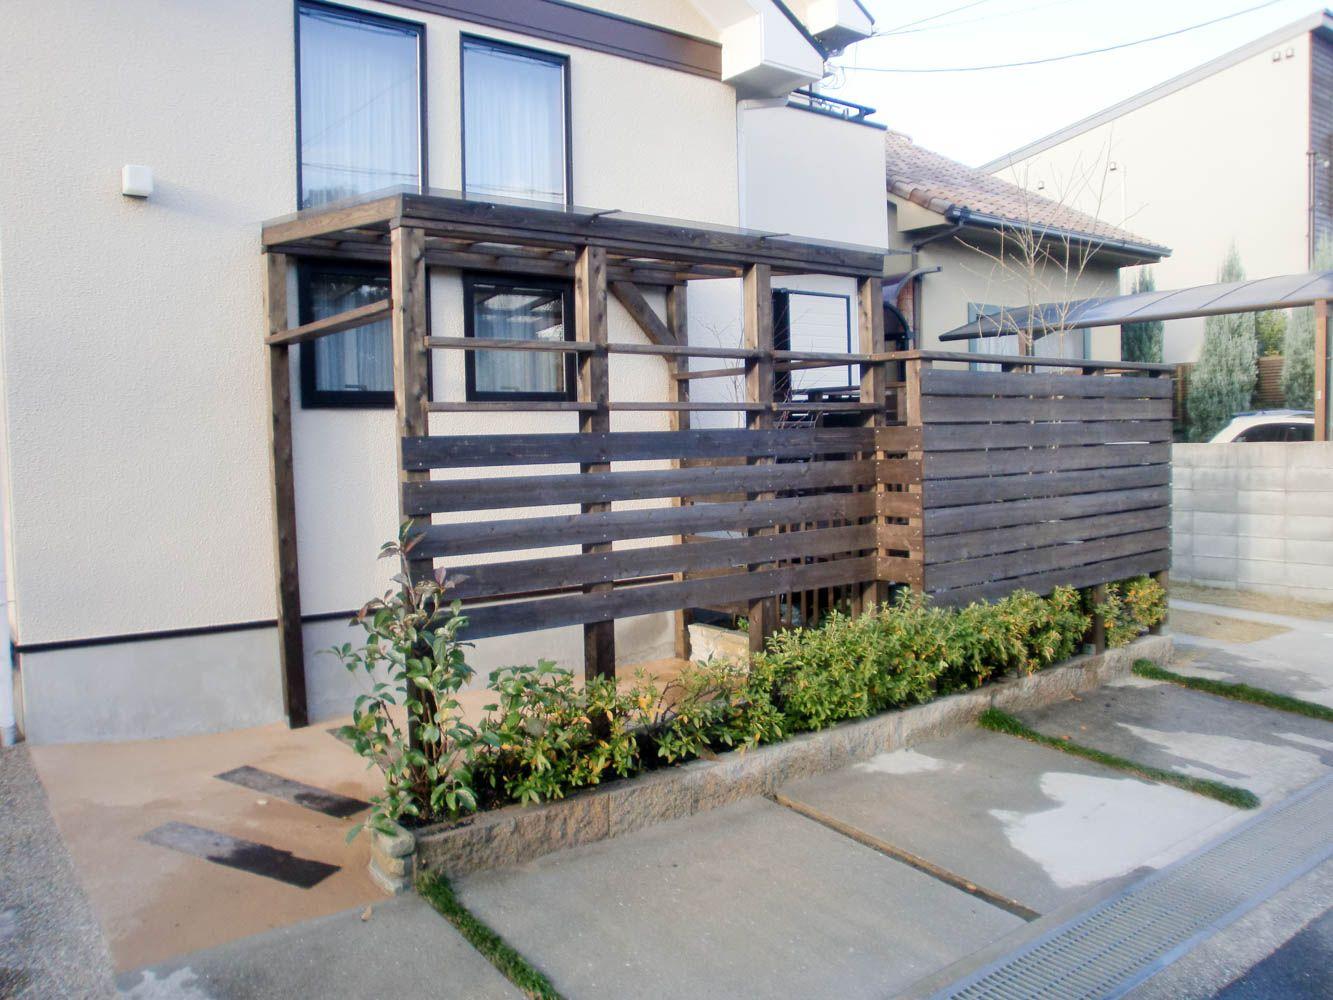 使われていない小さな庭に目隠しを兼ねた木製自転車小屋を施工 伊丹市